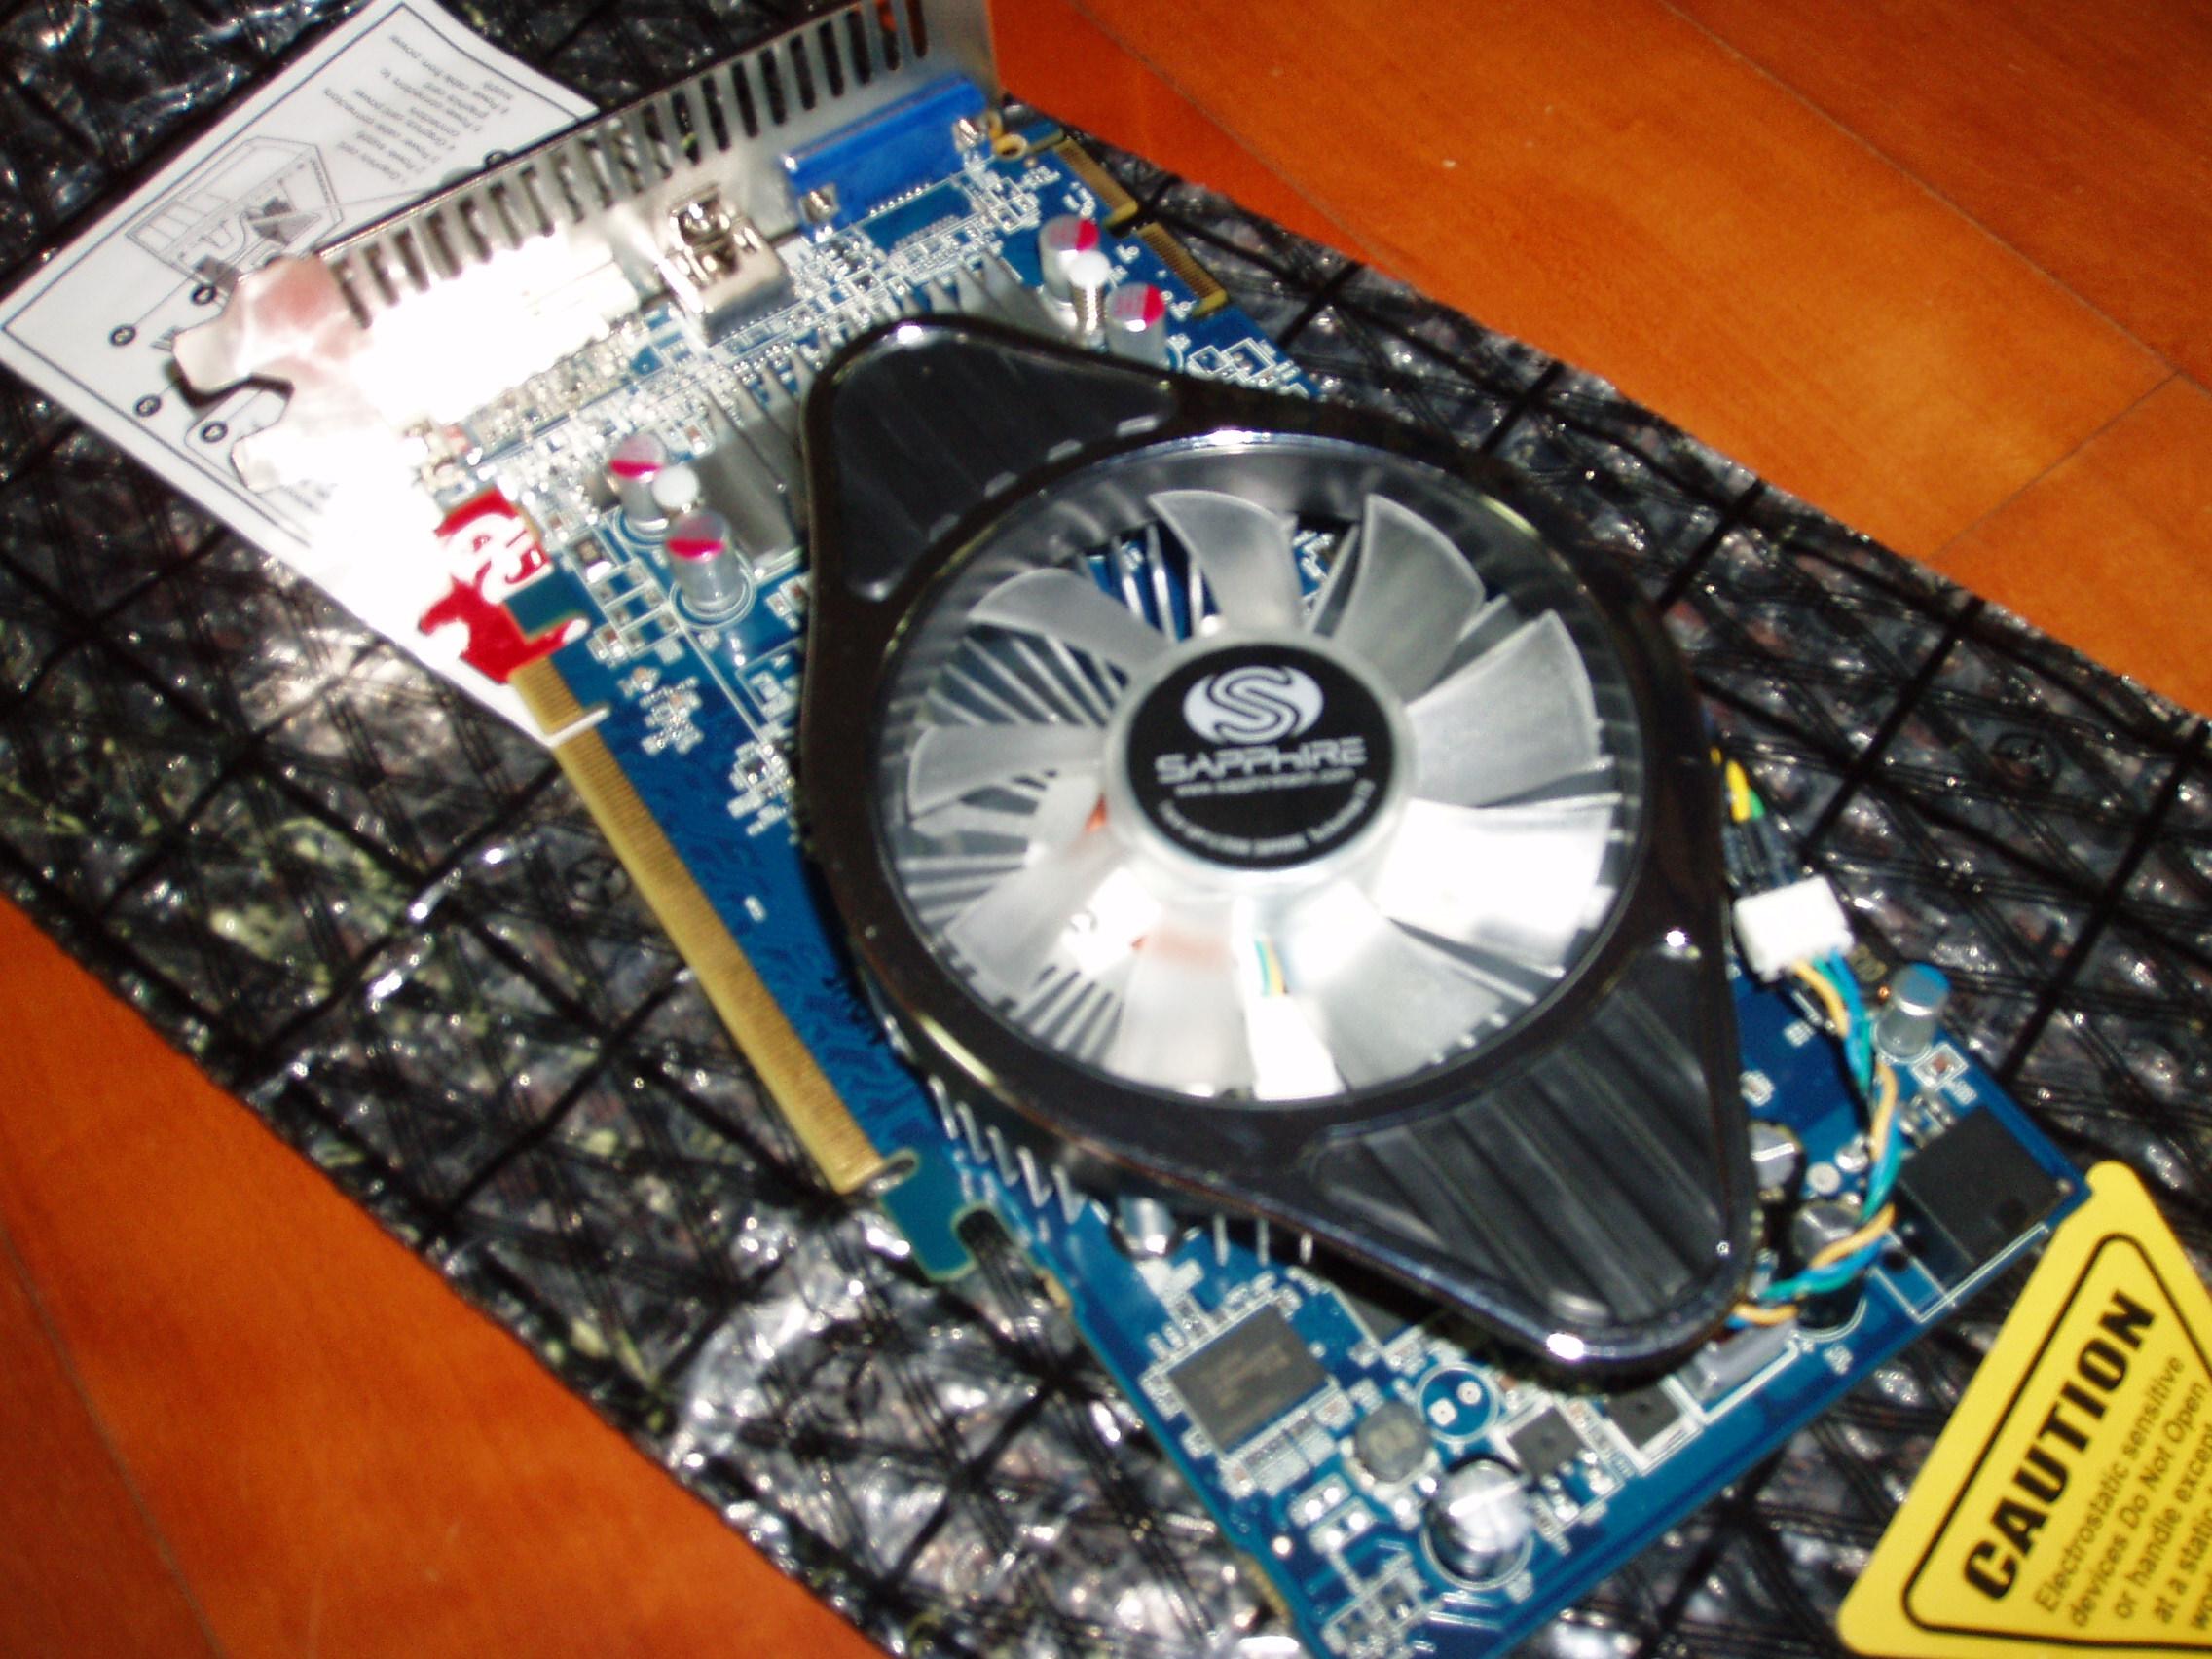 드디어 정체를 드러낸 HD4850